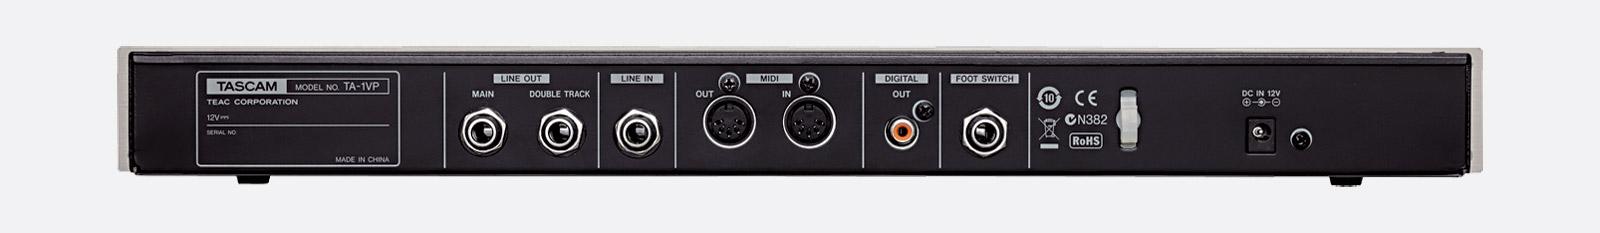 Tascam Ta 1vp Vocal Processor 1u Rackmount